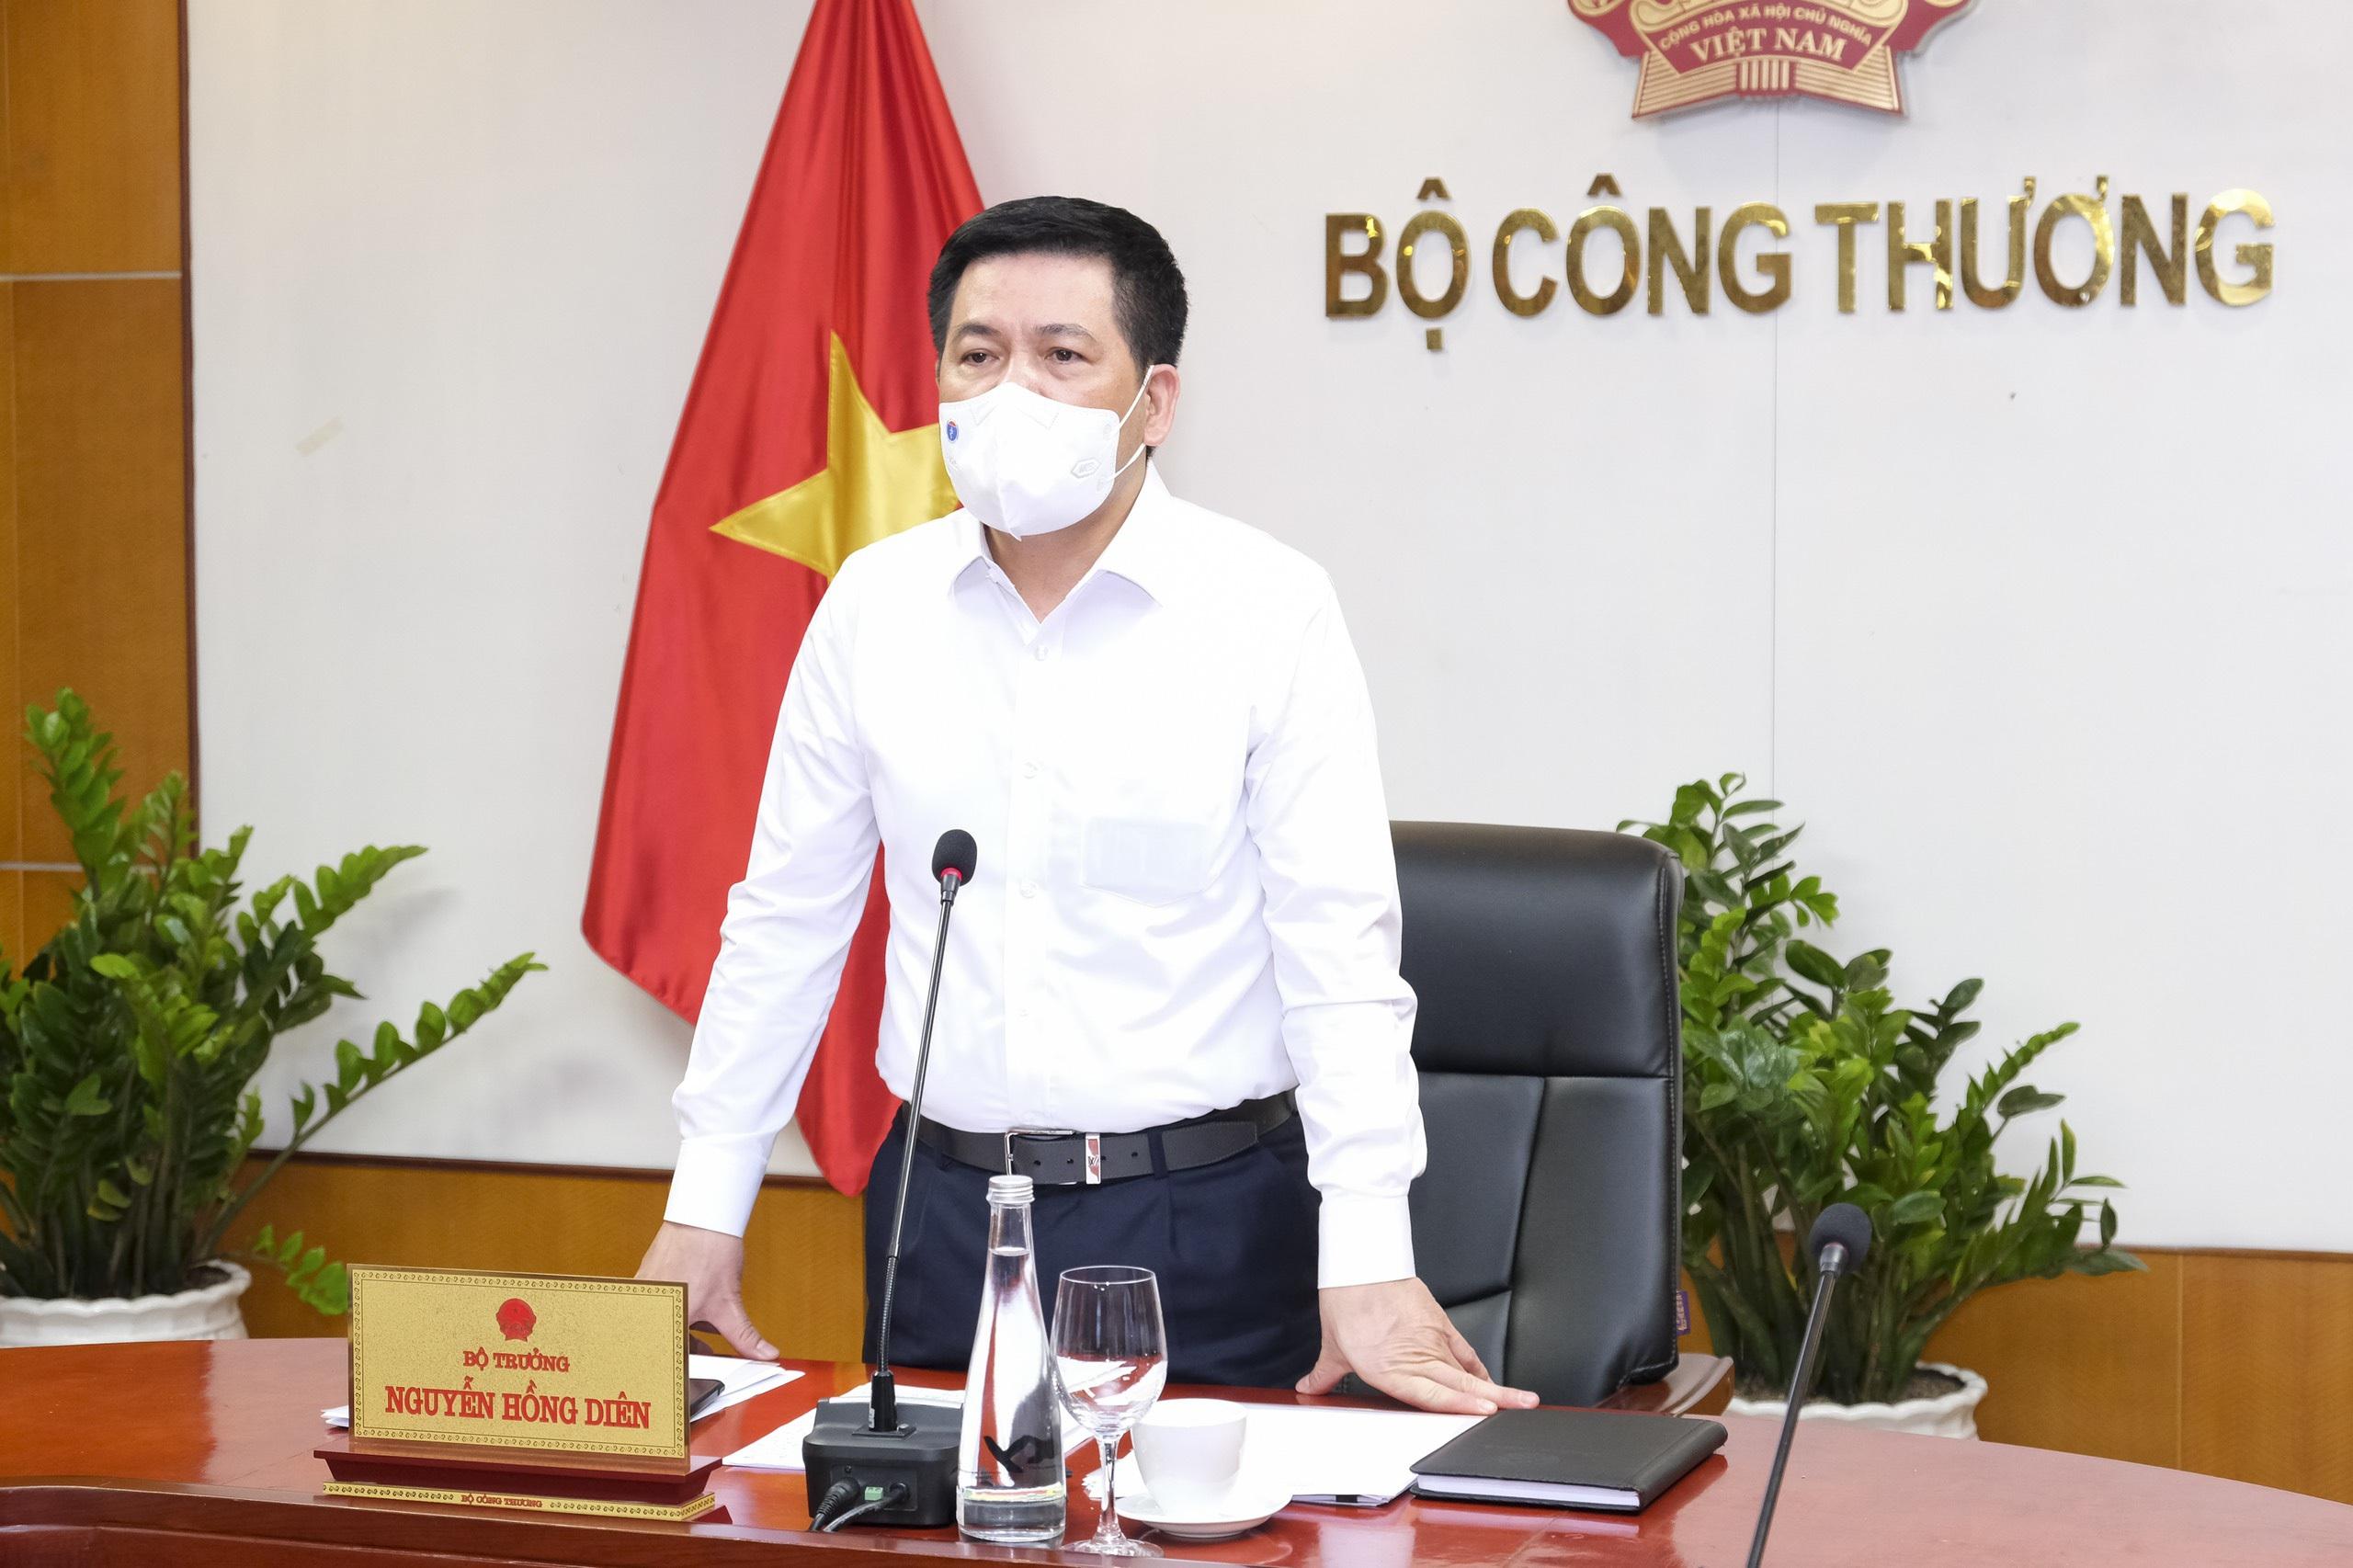 Chủ tịch Bắc Giang khẳng định vải thiều an toàn, người dân yên tâm sử dụng - Ảnh 2.